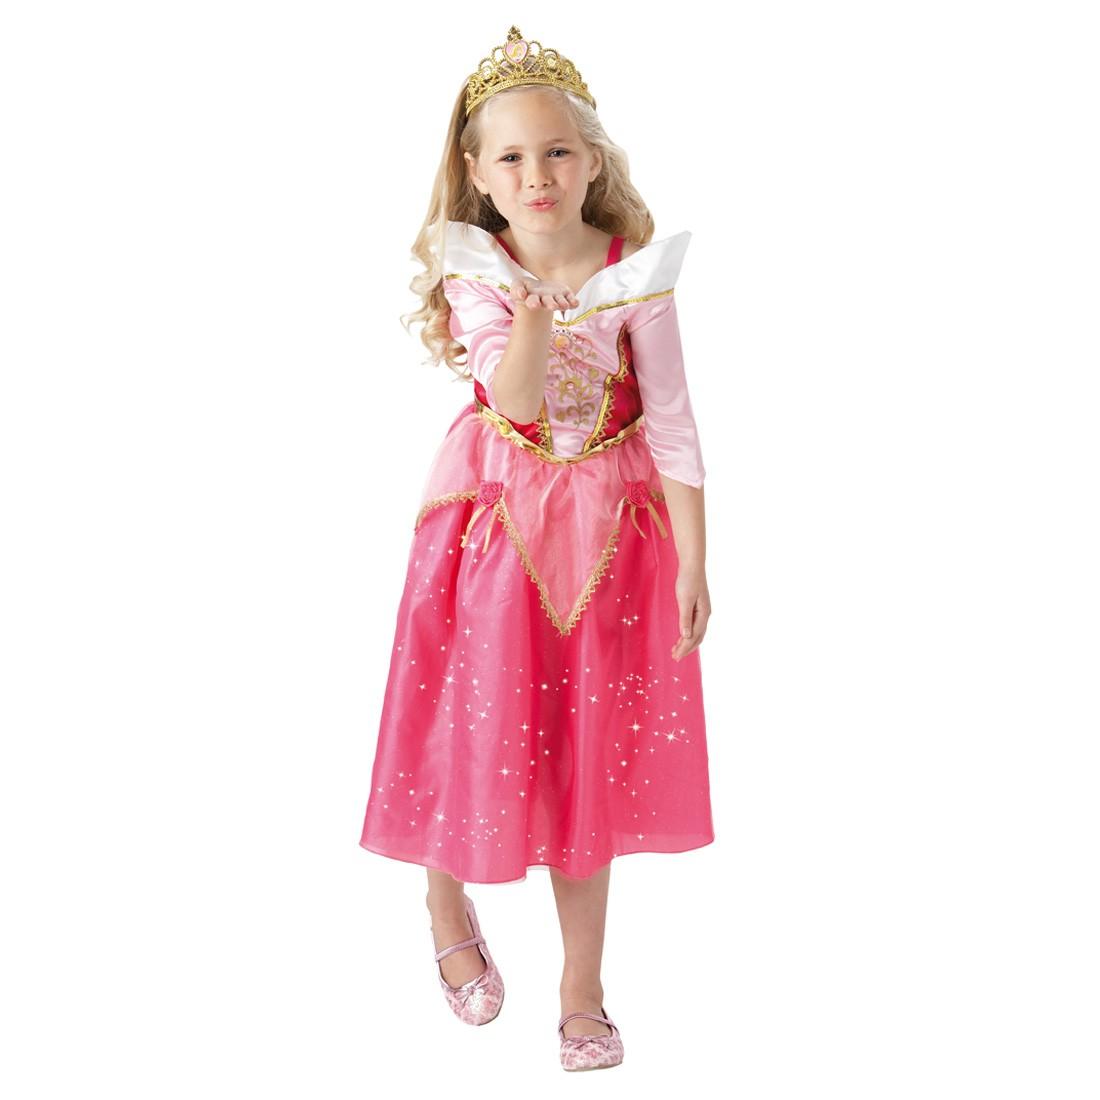 Kinder Dornroschenkostum Prinzessin Kostum Pink L 7 9 Jahre 29 95